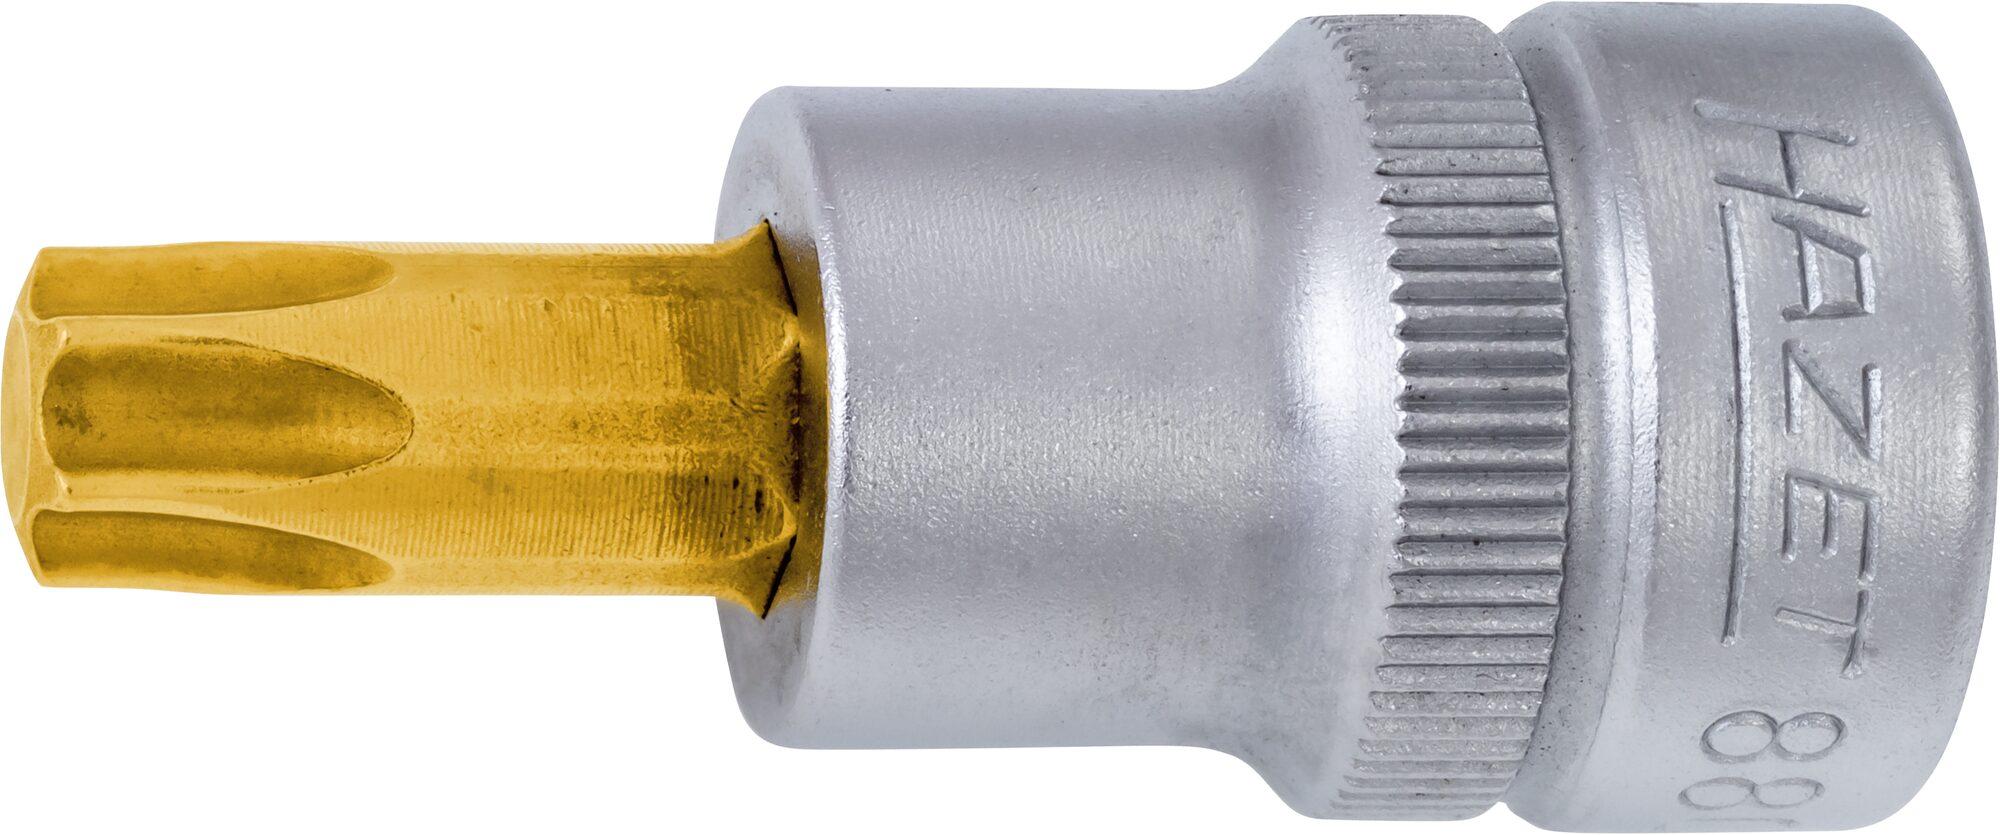 HAZET Schraubendreher-Steckschlüsseleinsatz TORX® 8802-T20 ∙ Vierkant hohl 10 mm (3/8 Zoll) ∙ Innen TORX® Profil ∙ T20